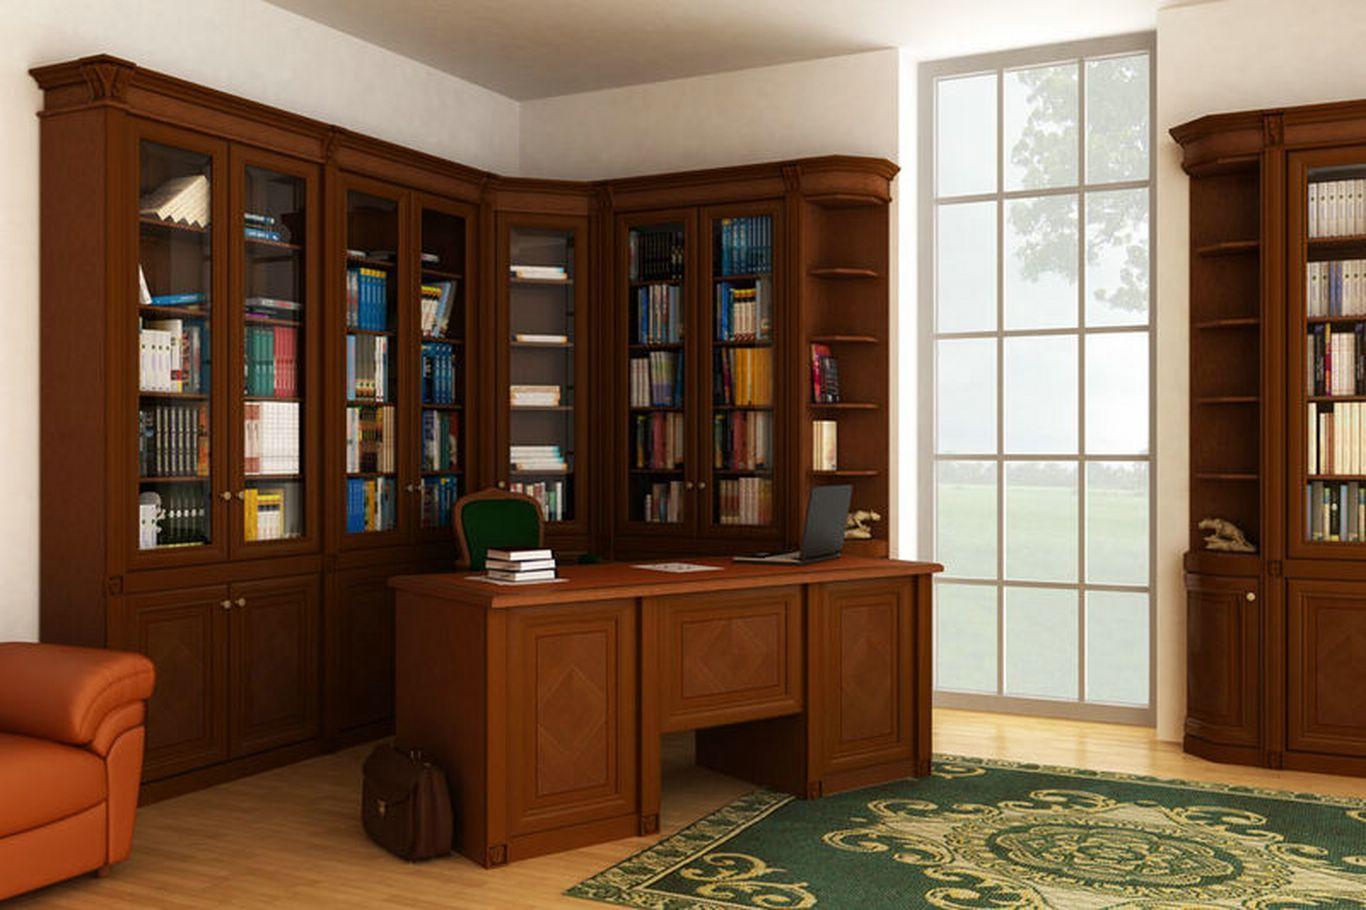 Шкаф в кабинет, назначение и особенности, правила размещения.